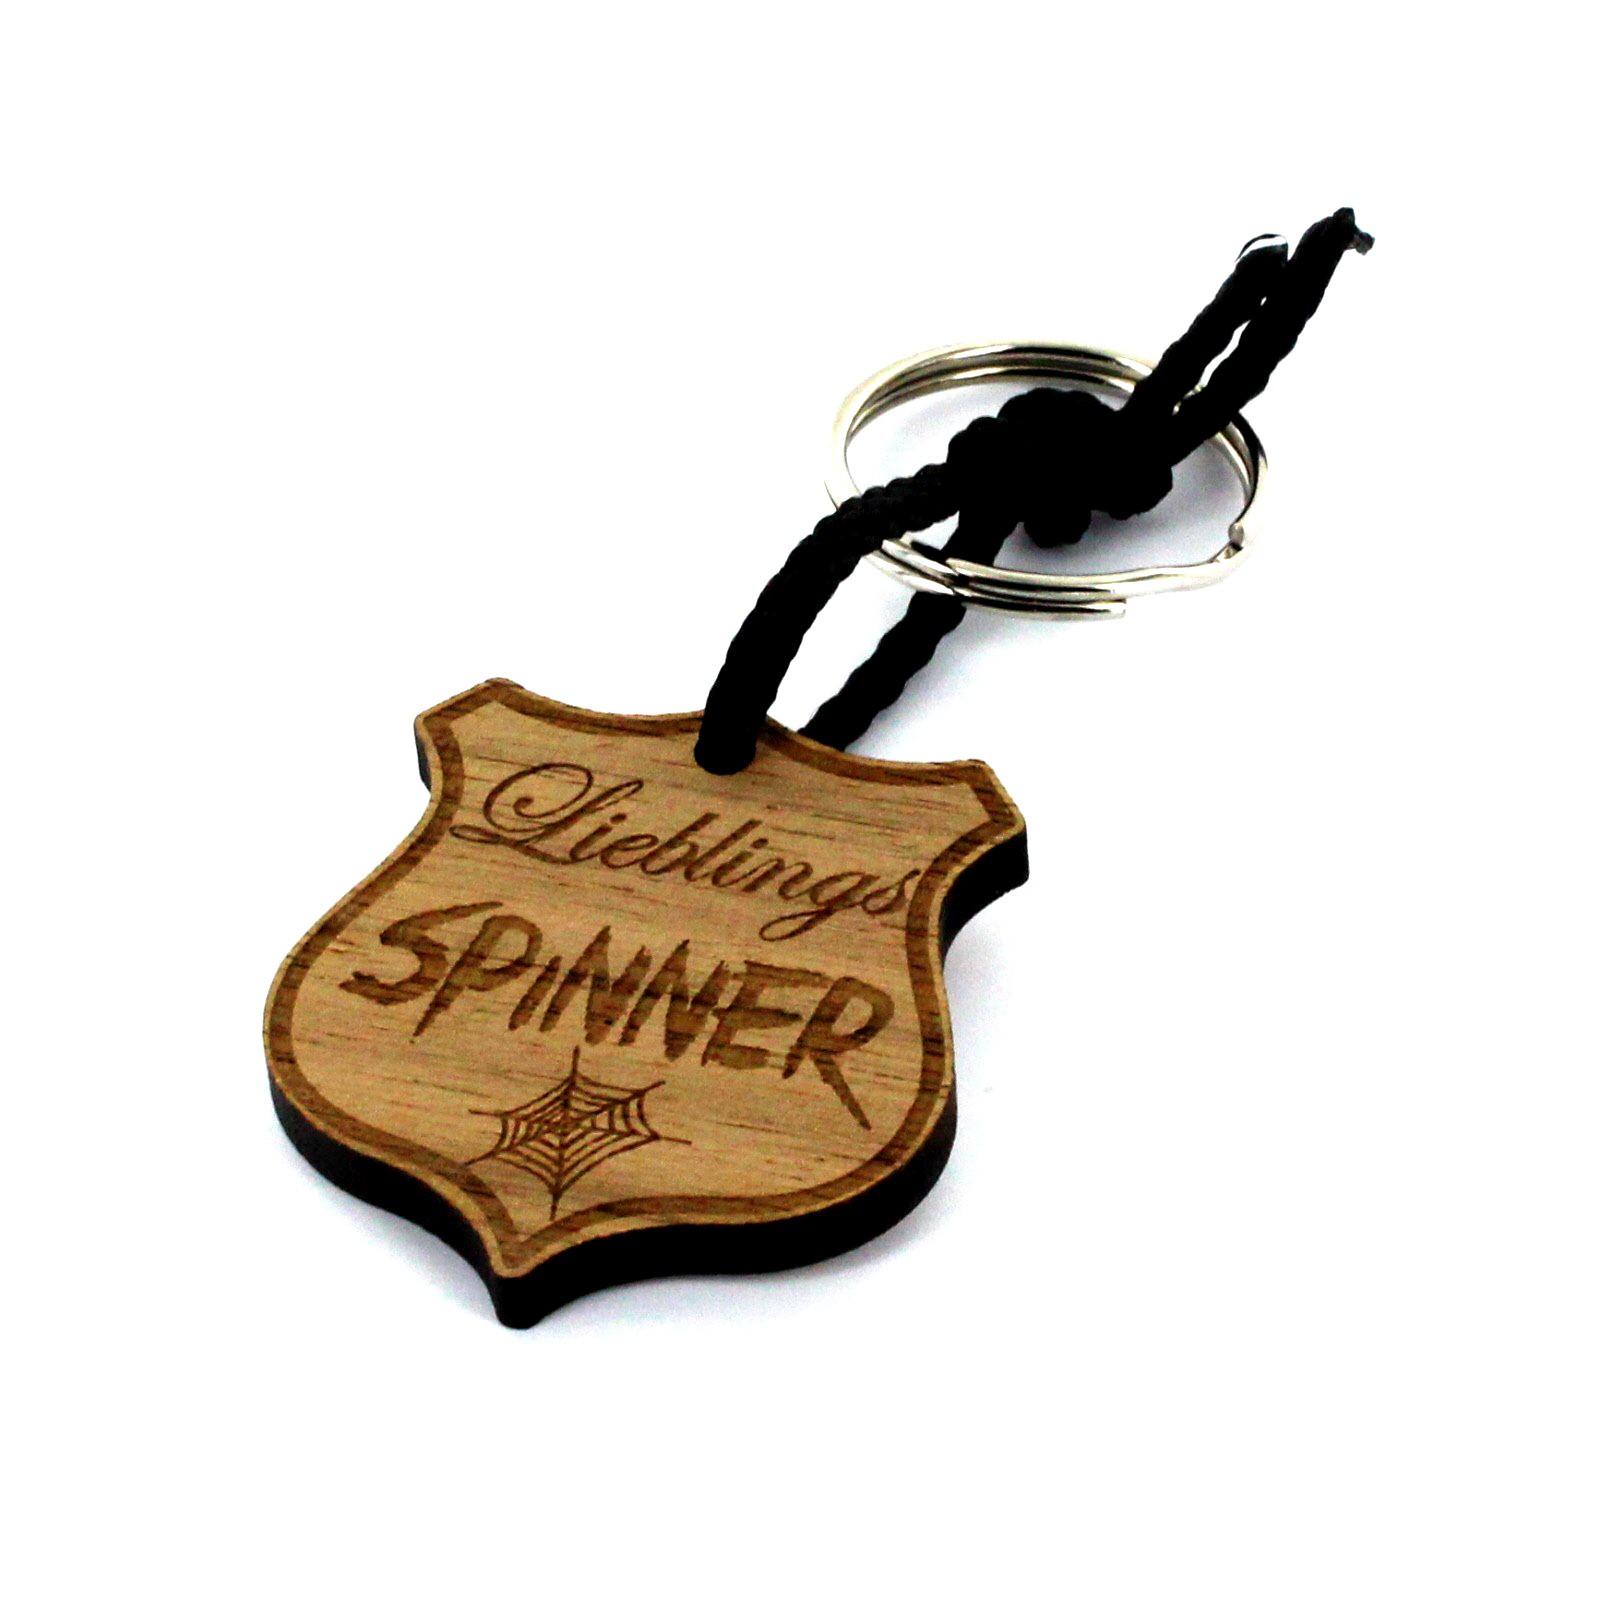 Gravur Schlüsselanhänger aus Holz - Modell: Lieblingsspinner